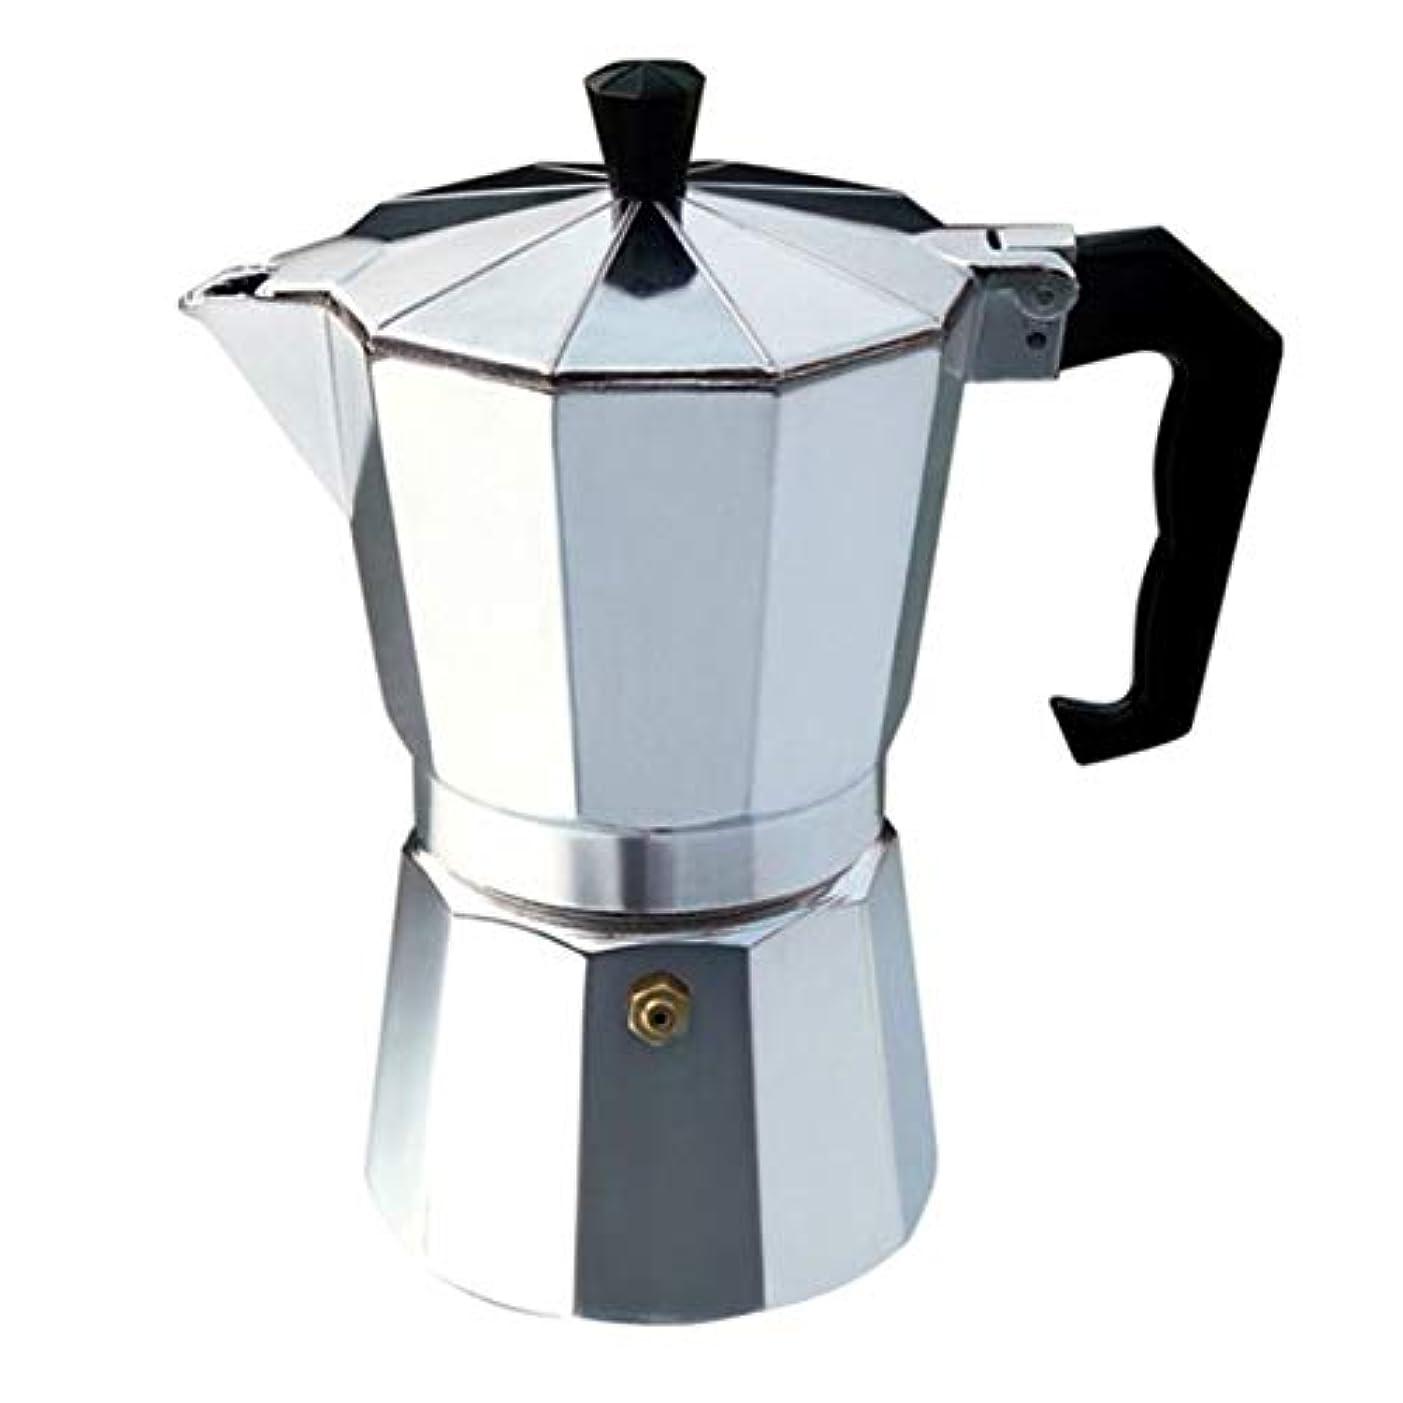 三十下線放棄するSaikogoods ナガXuefeiイタリアコーヒーブラックコーヒーモカコーヒー 実用的なギフト 簡単にクリーンアップするためにアルミ真岡鍋 Octangleコーヒーメーカー 銀 6カップ